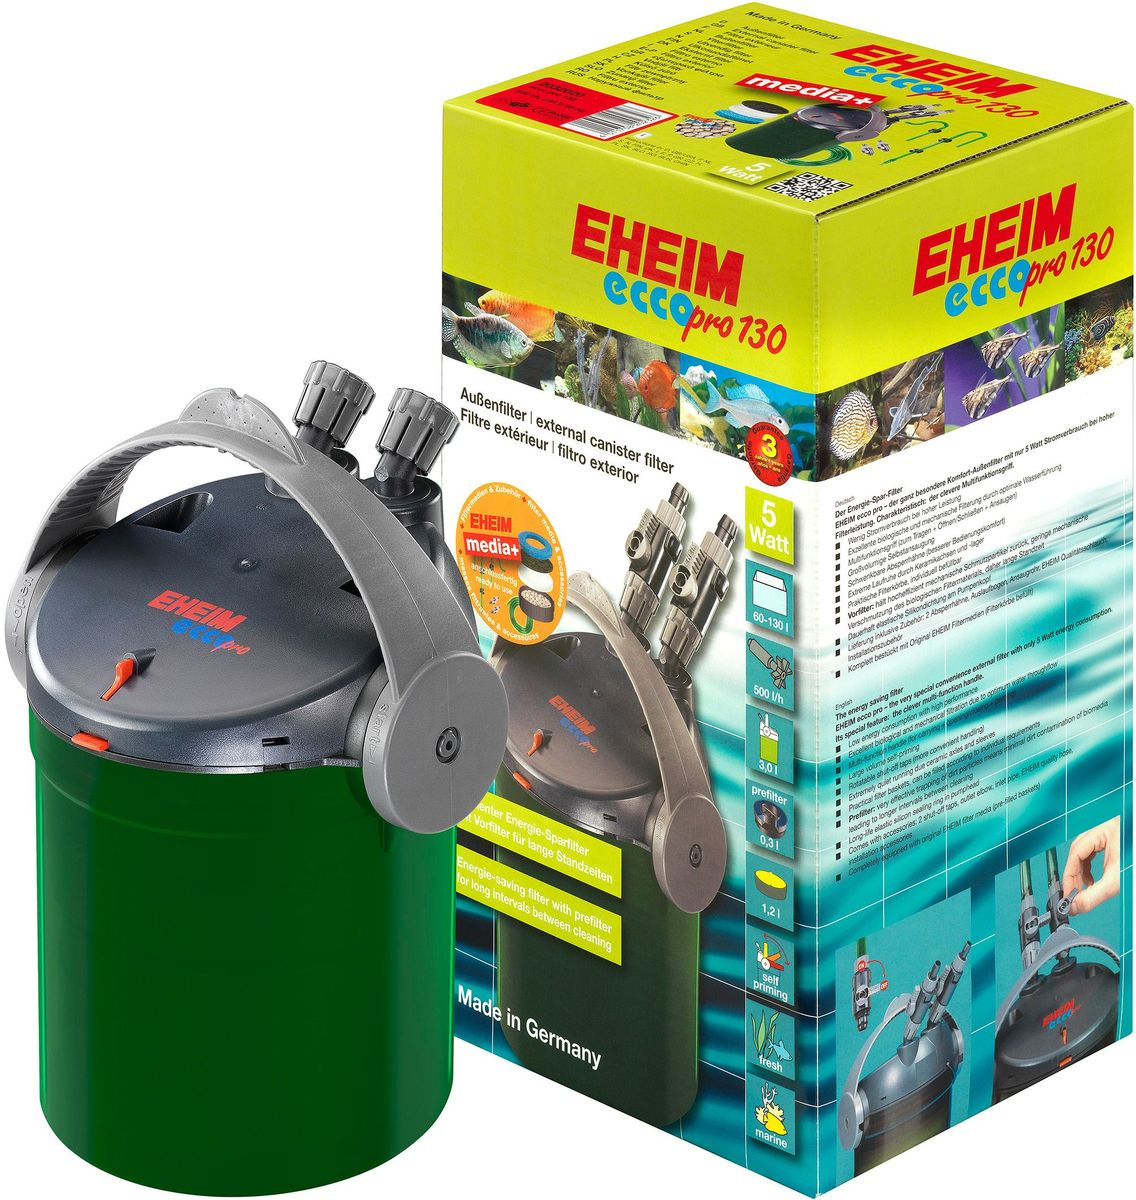 Фильтр внешний Eheim Eccopro 130100011Инновационные технологии в сочетании с простотой обслуживания и характерным дизайном выгодно отличают новое поколение фильтров Eheim. Практичная ручка для переноса выполняет множество функций: активизация встроенной системы запуска, которая обеспечивает удобную эксплуатацию при установке фильтра и после очистки; а также легкое открытие или надежное запирание фильтра. Фильтр укомплектован фильтрующими материалами и готов к эксплуатации. Благодаря практичным кассетам для фильтрующего материала, надежным штуцерам шлангов и запорным кранам фильтр прост в обслуживании. Сбалансированное соотношение мощности насоса и объема обеспечивает надежную долговременную фильтрацию при постоянной циркуляции воды, а также обогащает воду кислородом. Использованиеданного фильтра гарантирует высокое качество фильтрации воды. Преимущества Eheim Eccopro 130:- Низкое энергопотребление с высокой производительностью.- Отличная биологическая и механическая фильтрация благодаря оптимальному пропусканию воды.- Большой самовсасывающий объем.- Поворотные запорные краны (более удобное обращение).- Чрезвычайно тихий ход благодаря керамическим мостам и гильзам.- Практичные корзины для фильтров, могут быть заполнены в соответствии с индивидуальными требованиями. - Дополнительный предварительный фильтр (дающий более длительные интервалы очистки другого фильтрующего материала).- Долговечное эластичное силиконовое уплотнительное кольцо в головке насоса. Полностью оснащенный оригинальным фильтрующим материалом Eheim (предварительно заполненные корзины).Прилагаемые запорные краны можно поворачивать. Таким образом, вы можете сделать их более доступными. Поток воды регулируется выходным краном. Канистры фильтра оснащены практичными фильтрами. Их можно легко удалить и заполнить в соответствии с индивидуальными требованиями. Также в комплект входят: 2 запорных крана, выпускной локоть, входная труба, шланги, монтажные принадлежности.Для аквариумов: 60-130 л.Мощность насоса 